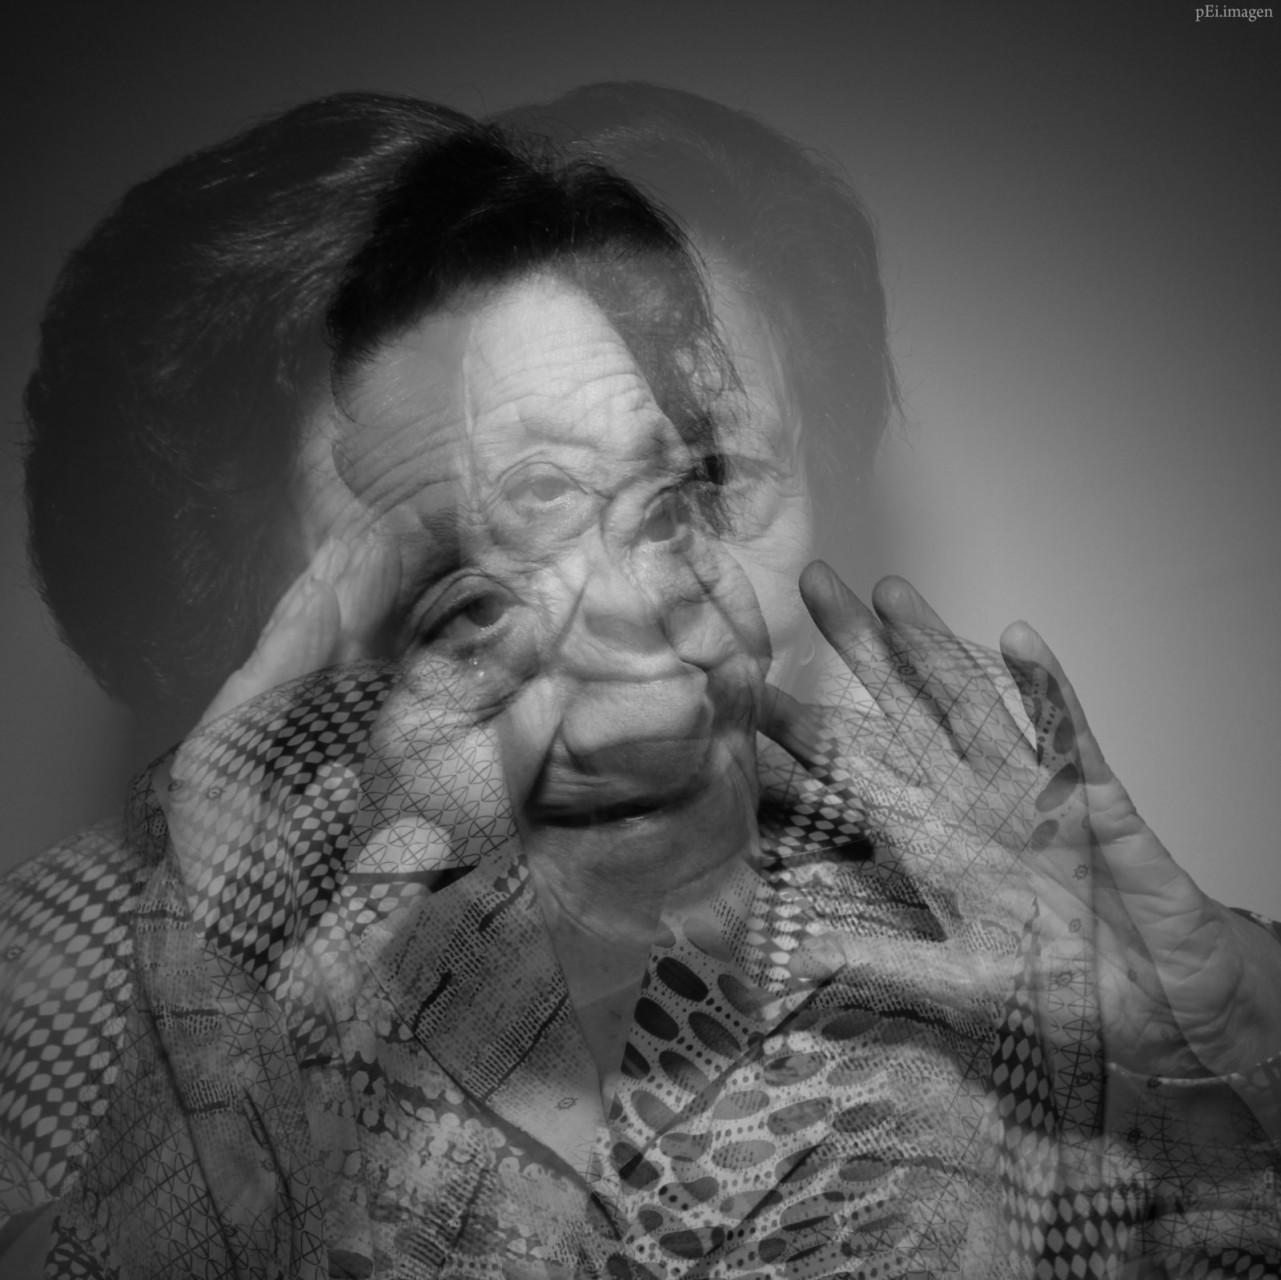 peipegata me myself I proyectos fotografia peipegatafotografia # 061 Fidela Moyano